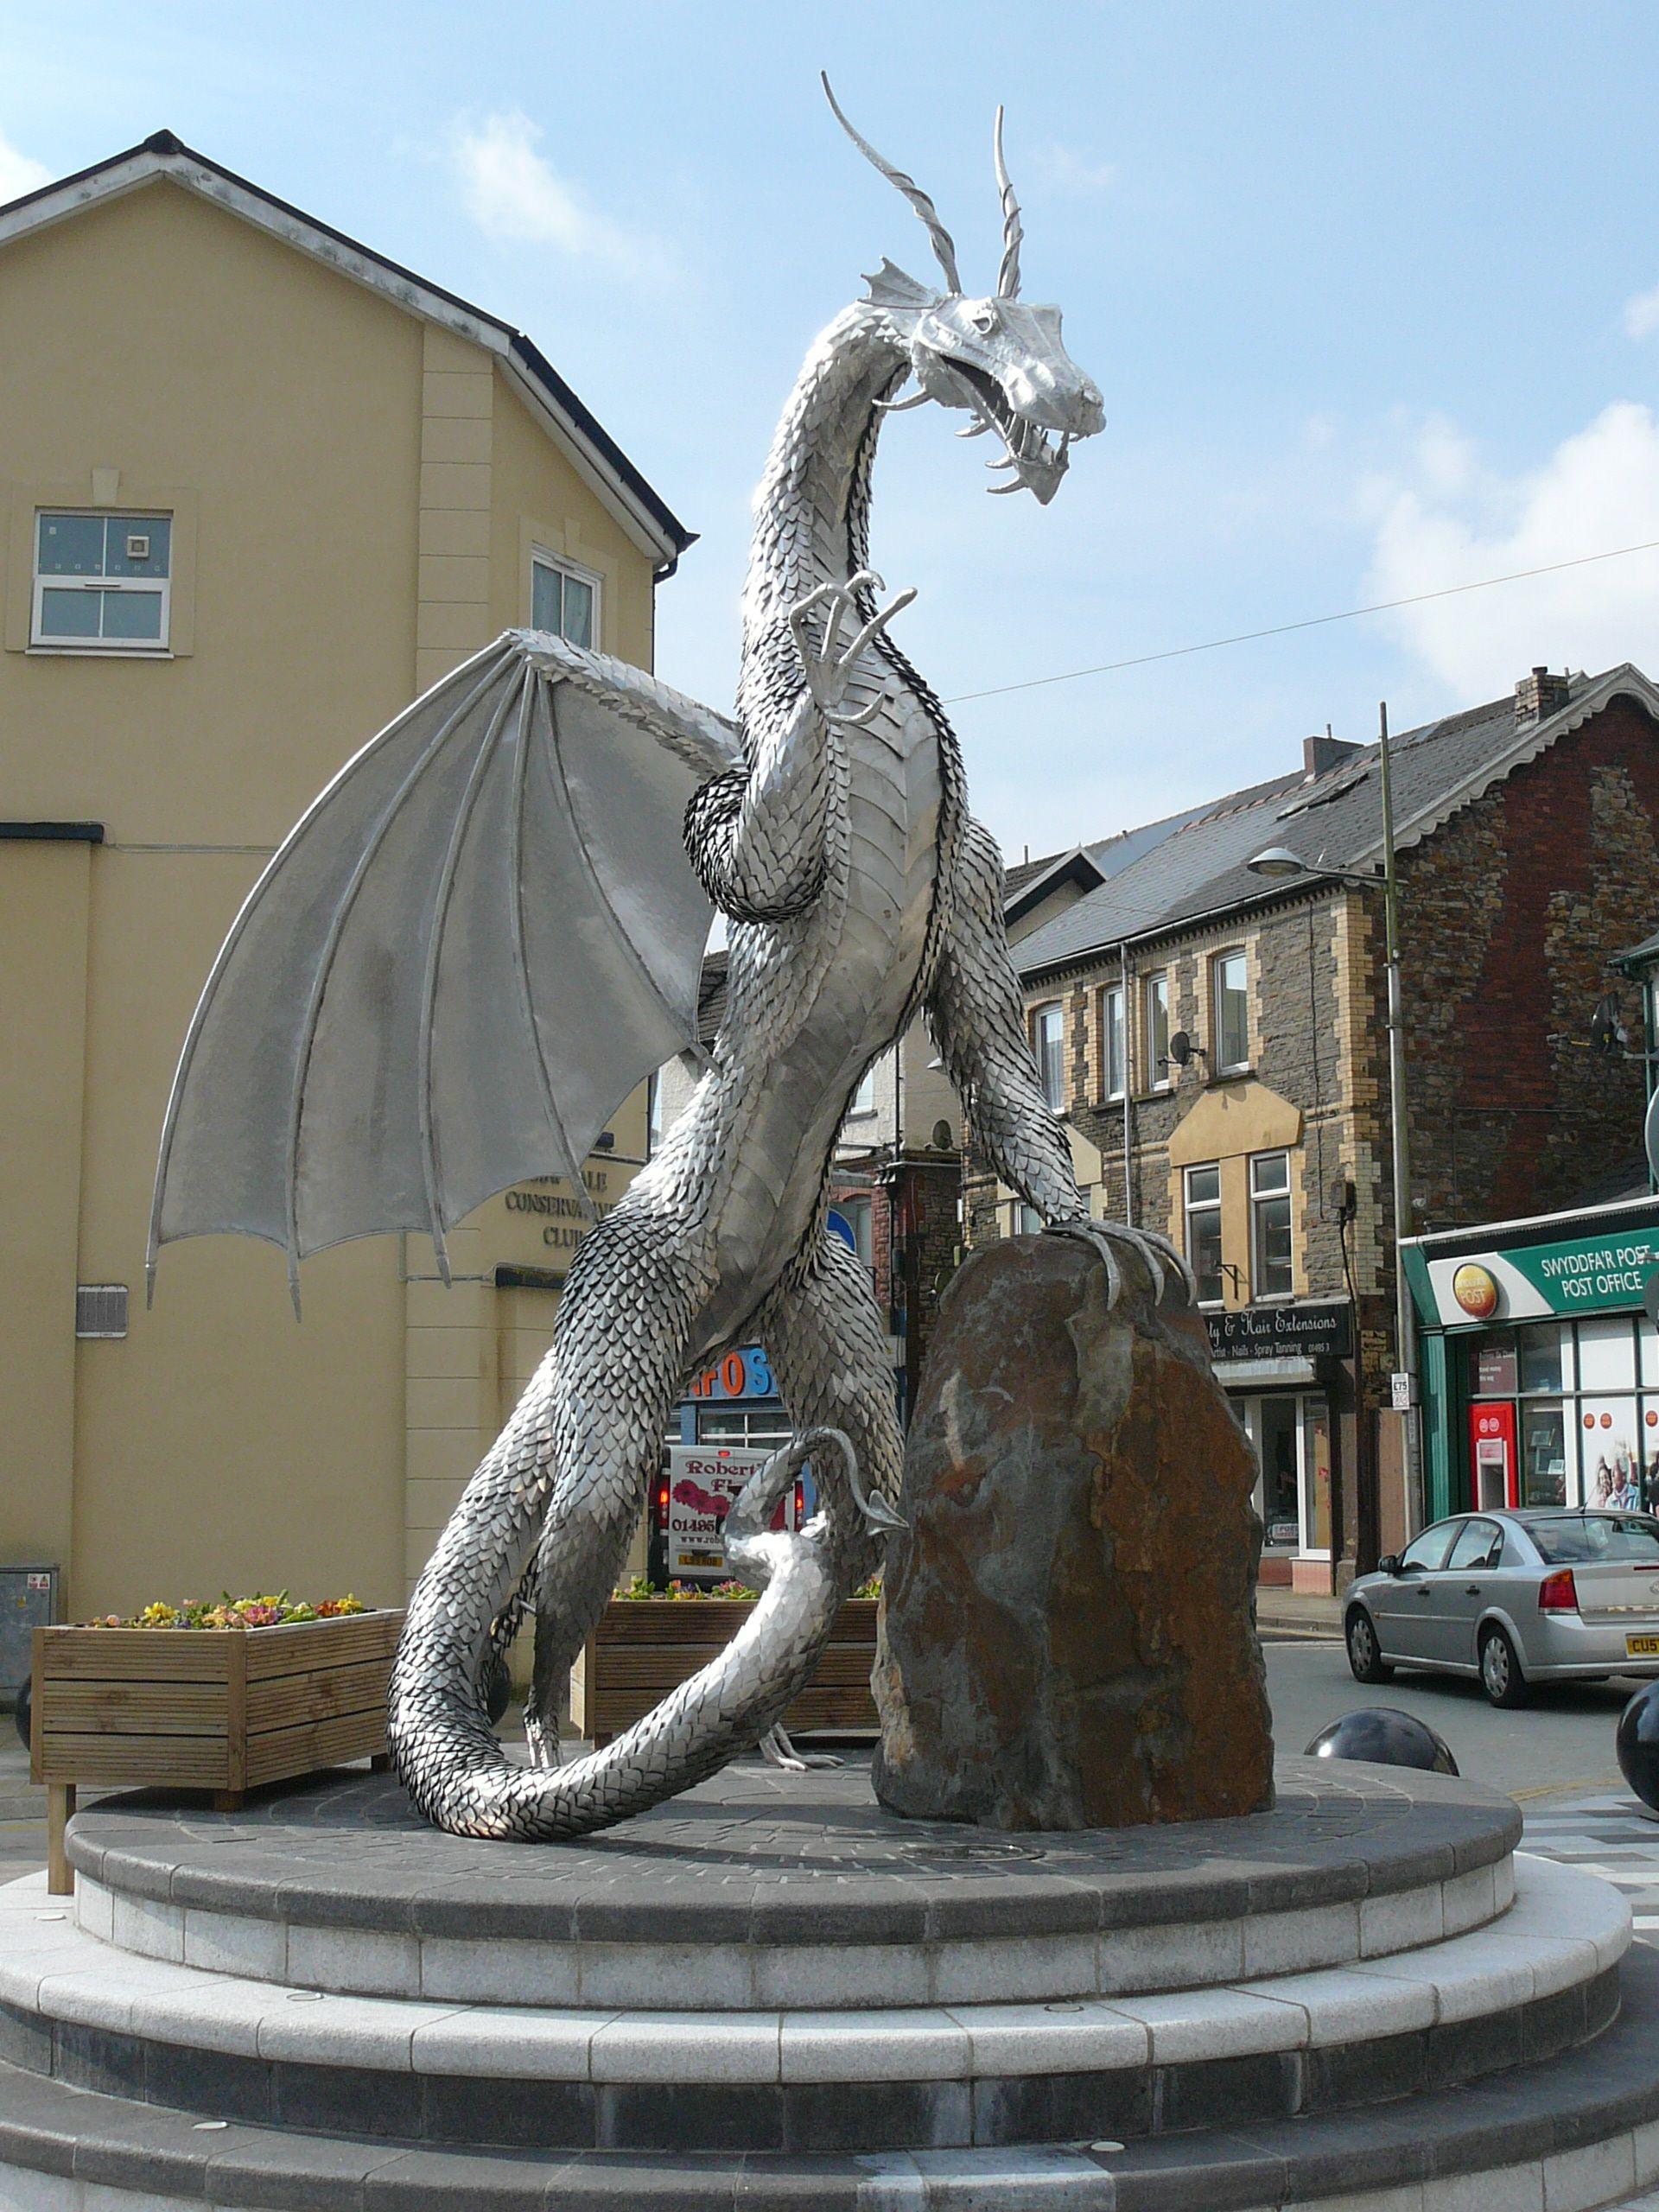 The New Dragon Statue In Ebbw Vale Ebbw Vale